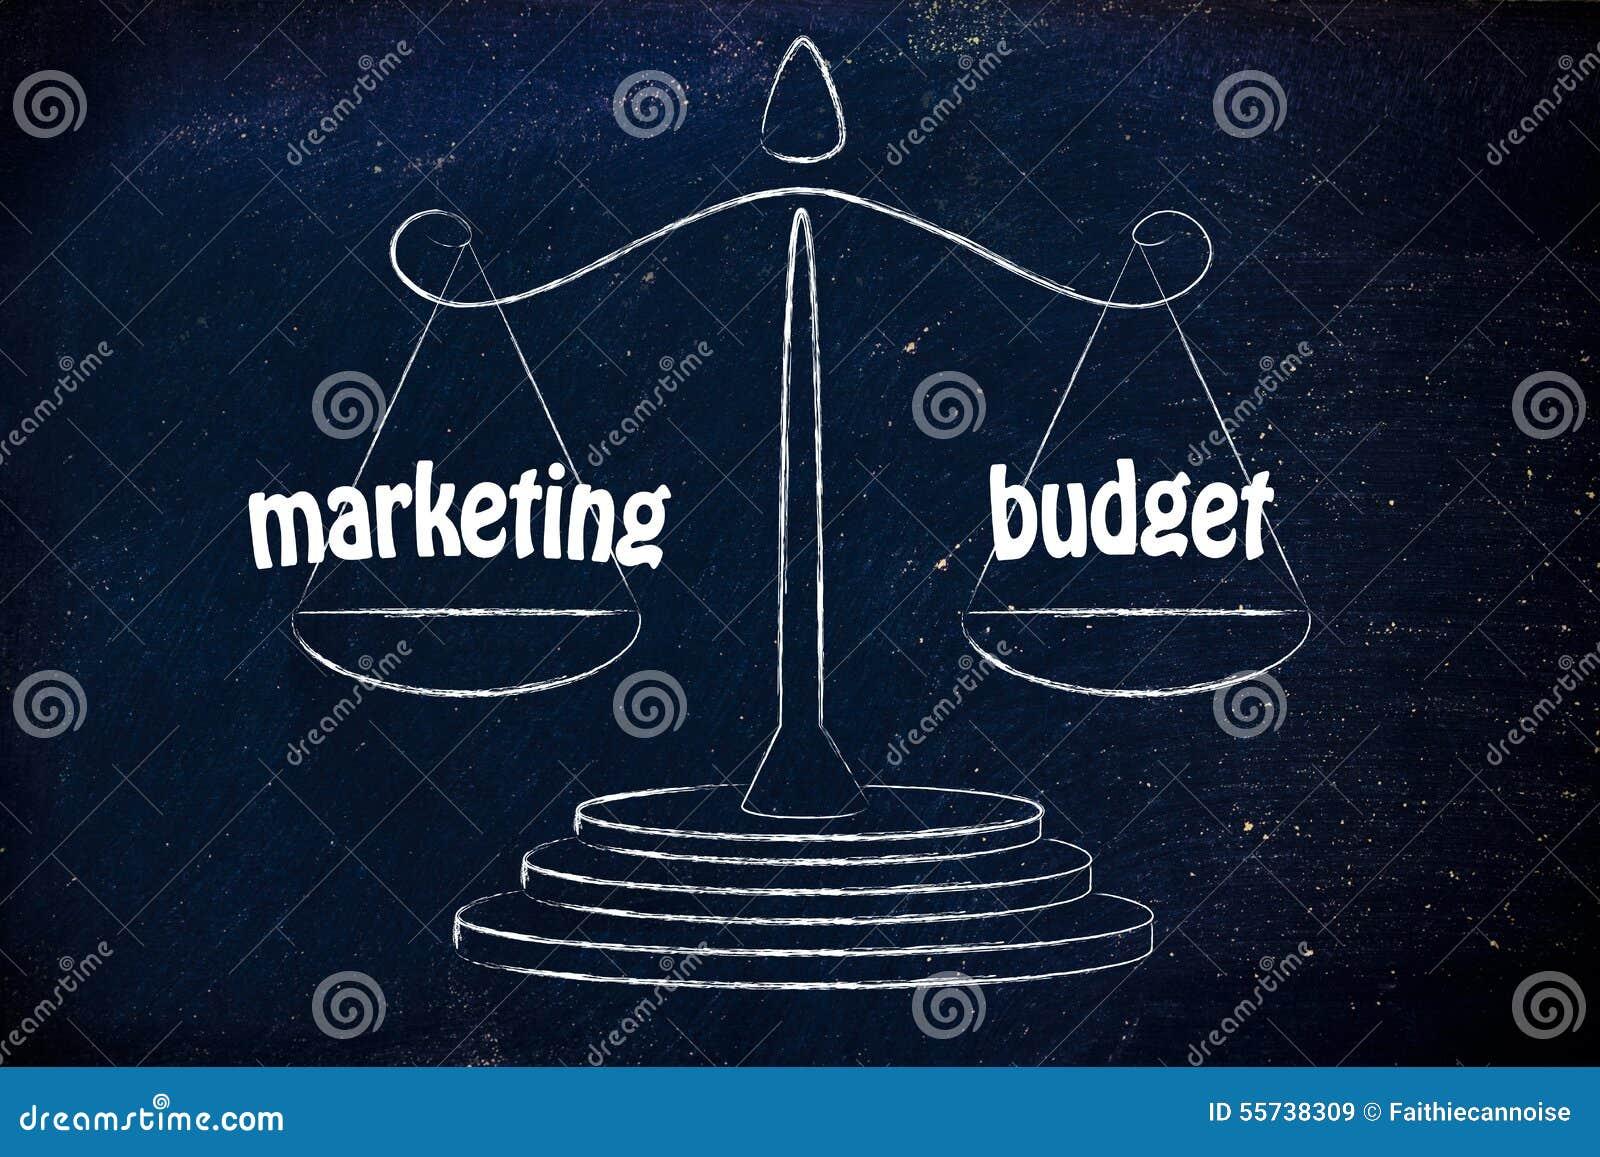 Het vinden van een goed evenwicht in zaken: marketing & begroting waarden